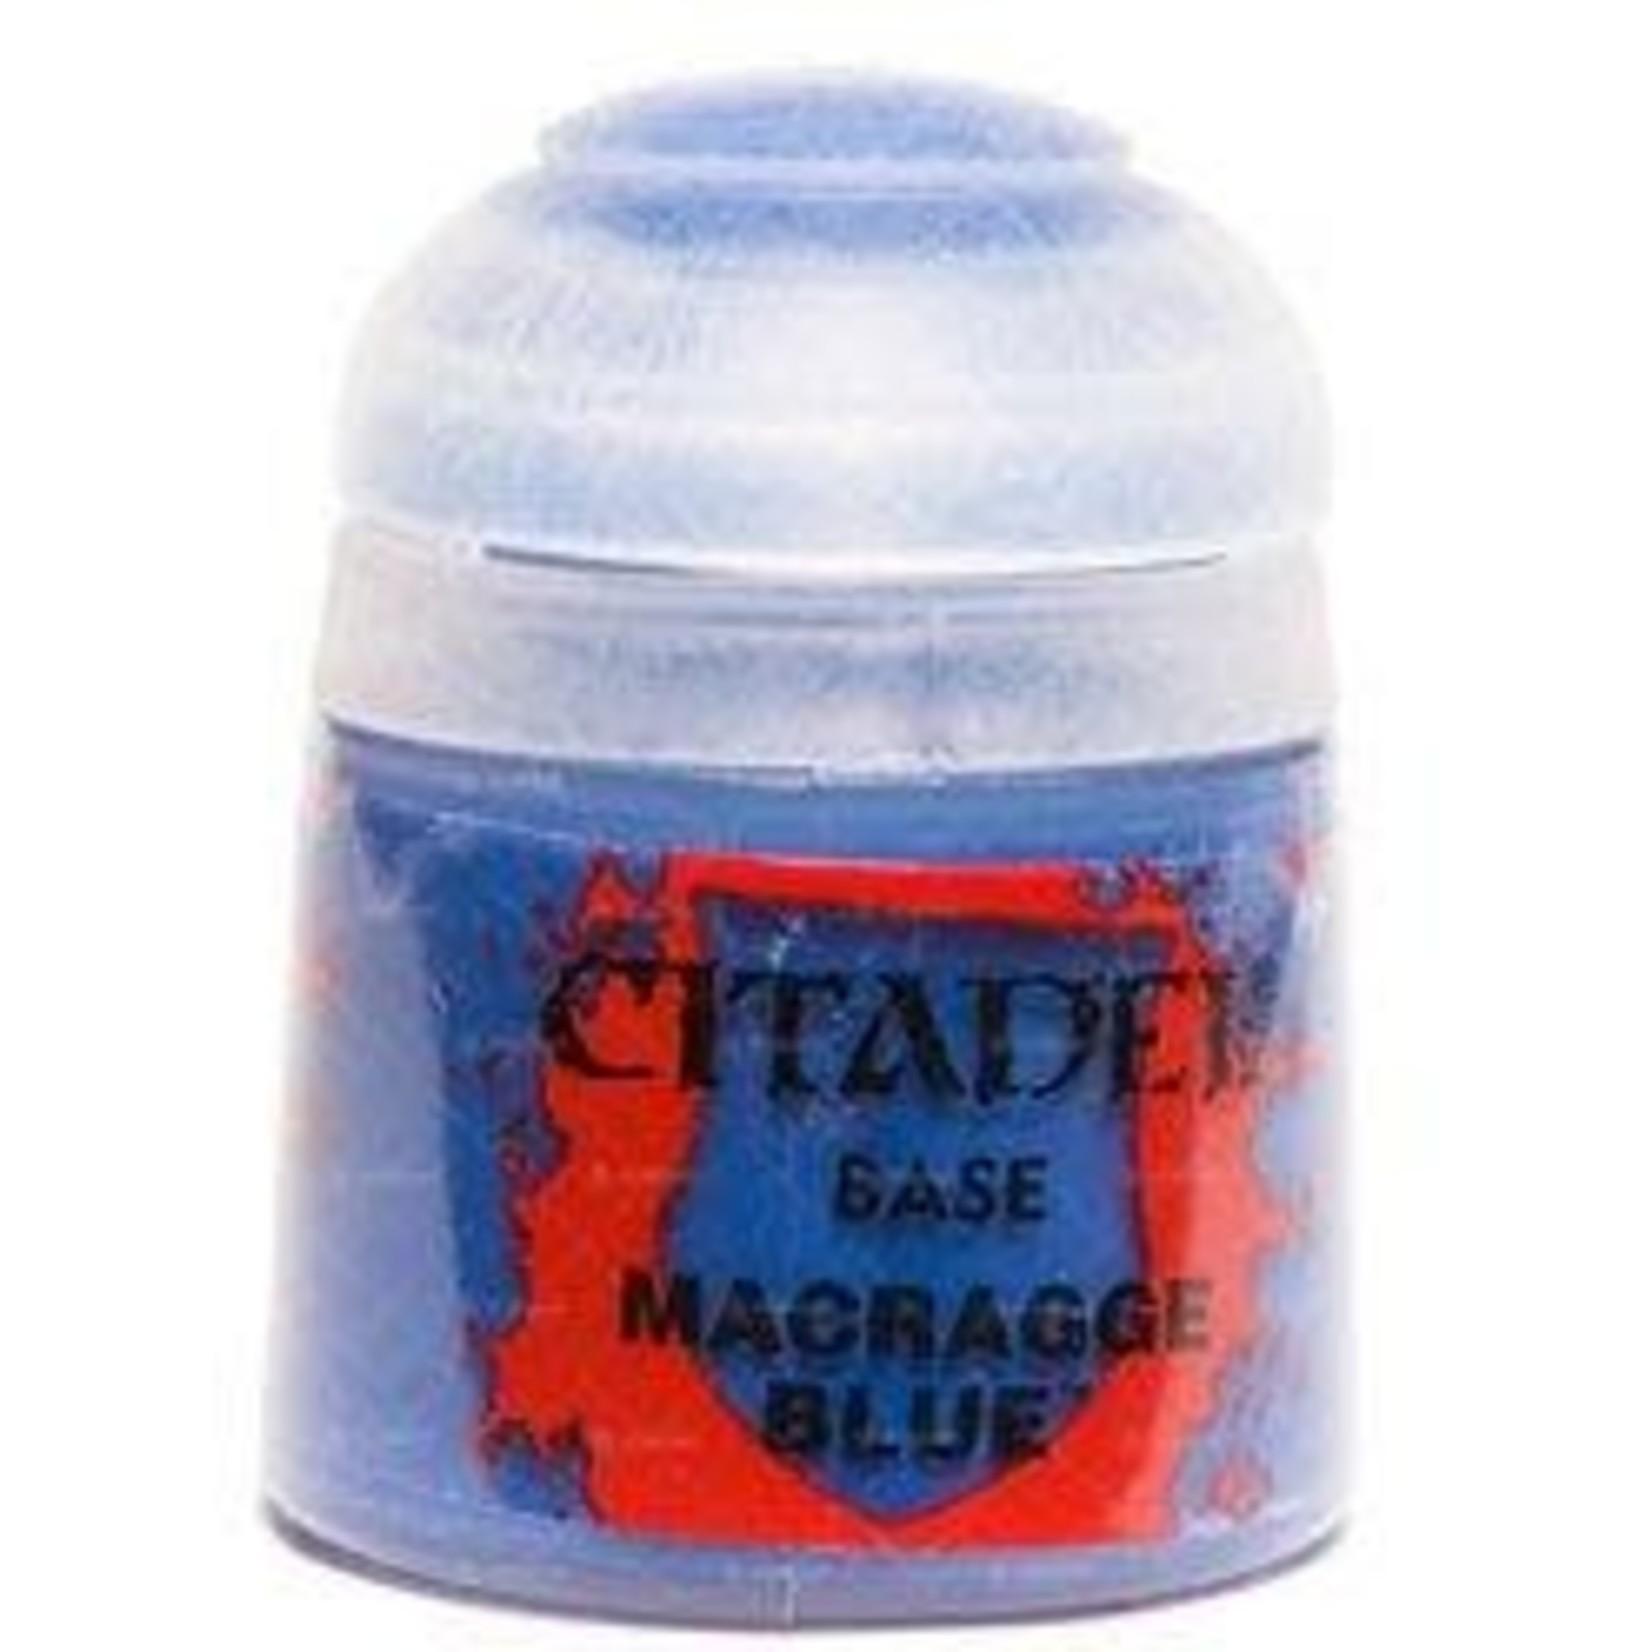 Citadel Citadel Paint - Base: Macragge Blue